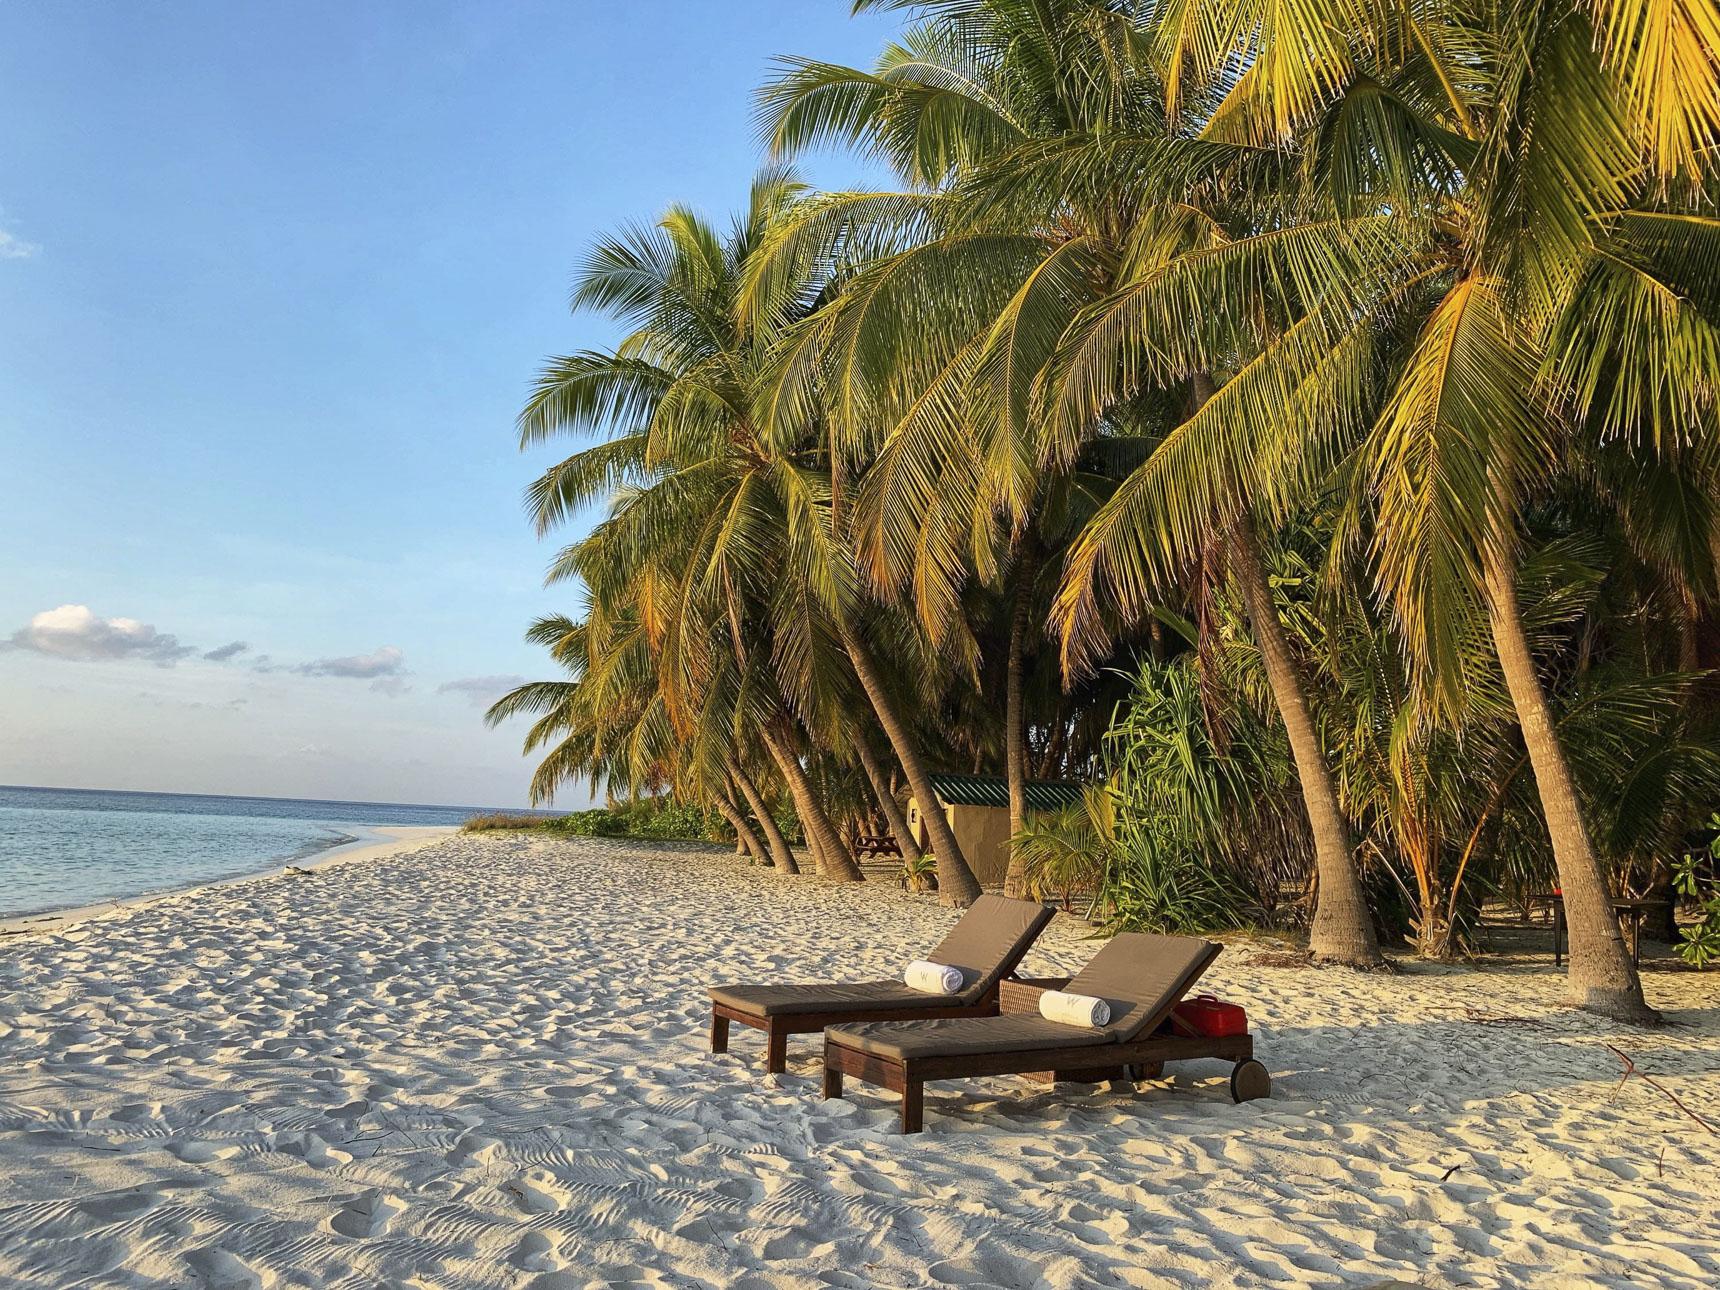 Strand & relax vakantie | Mira Tours – Reisbureau Haacht